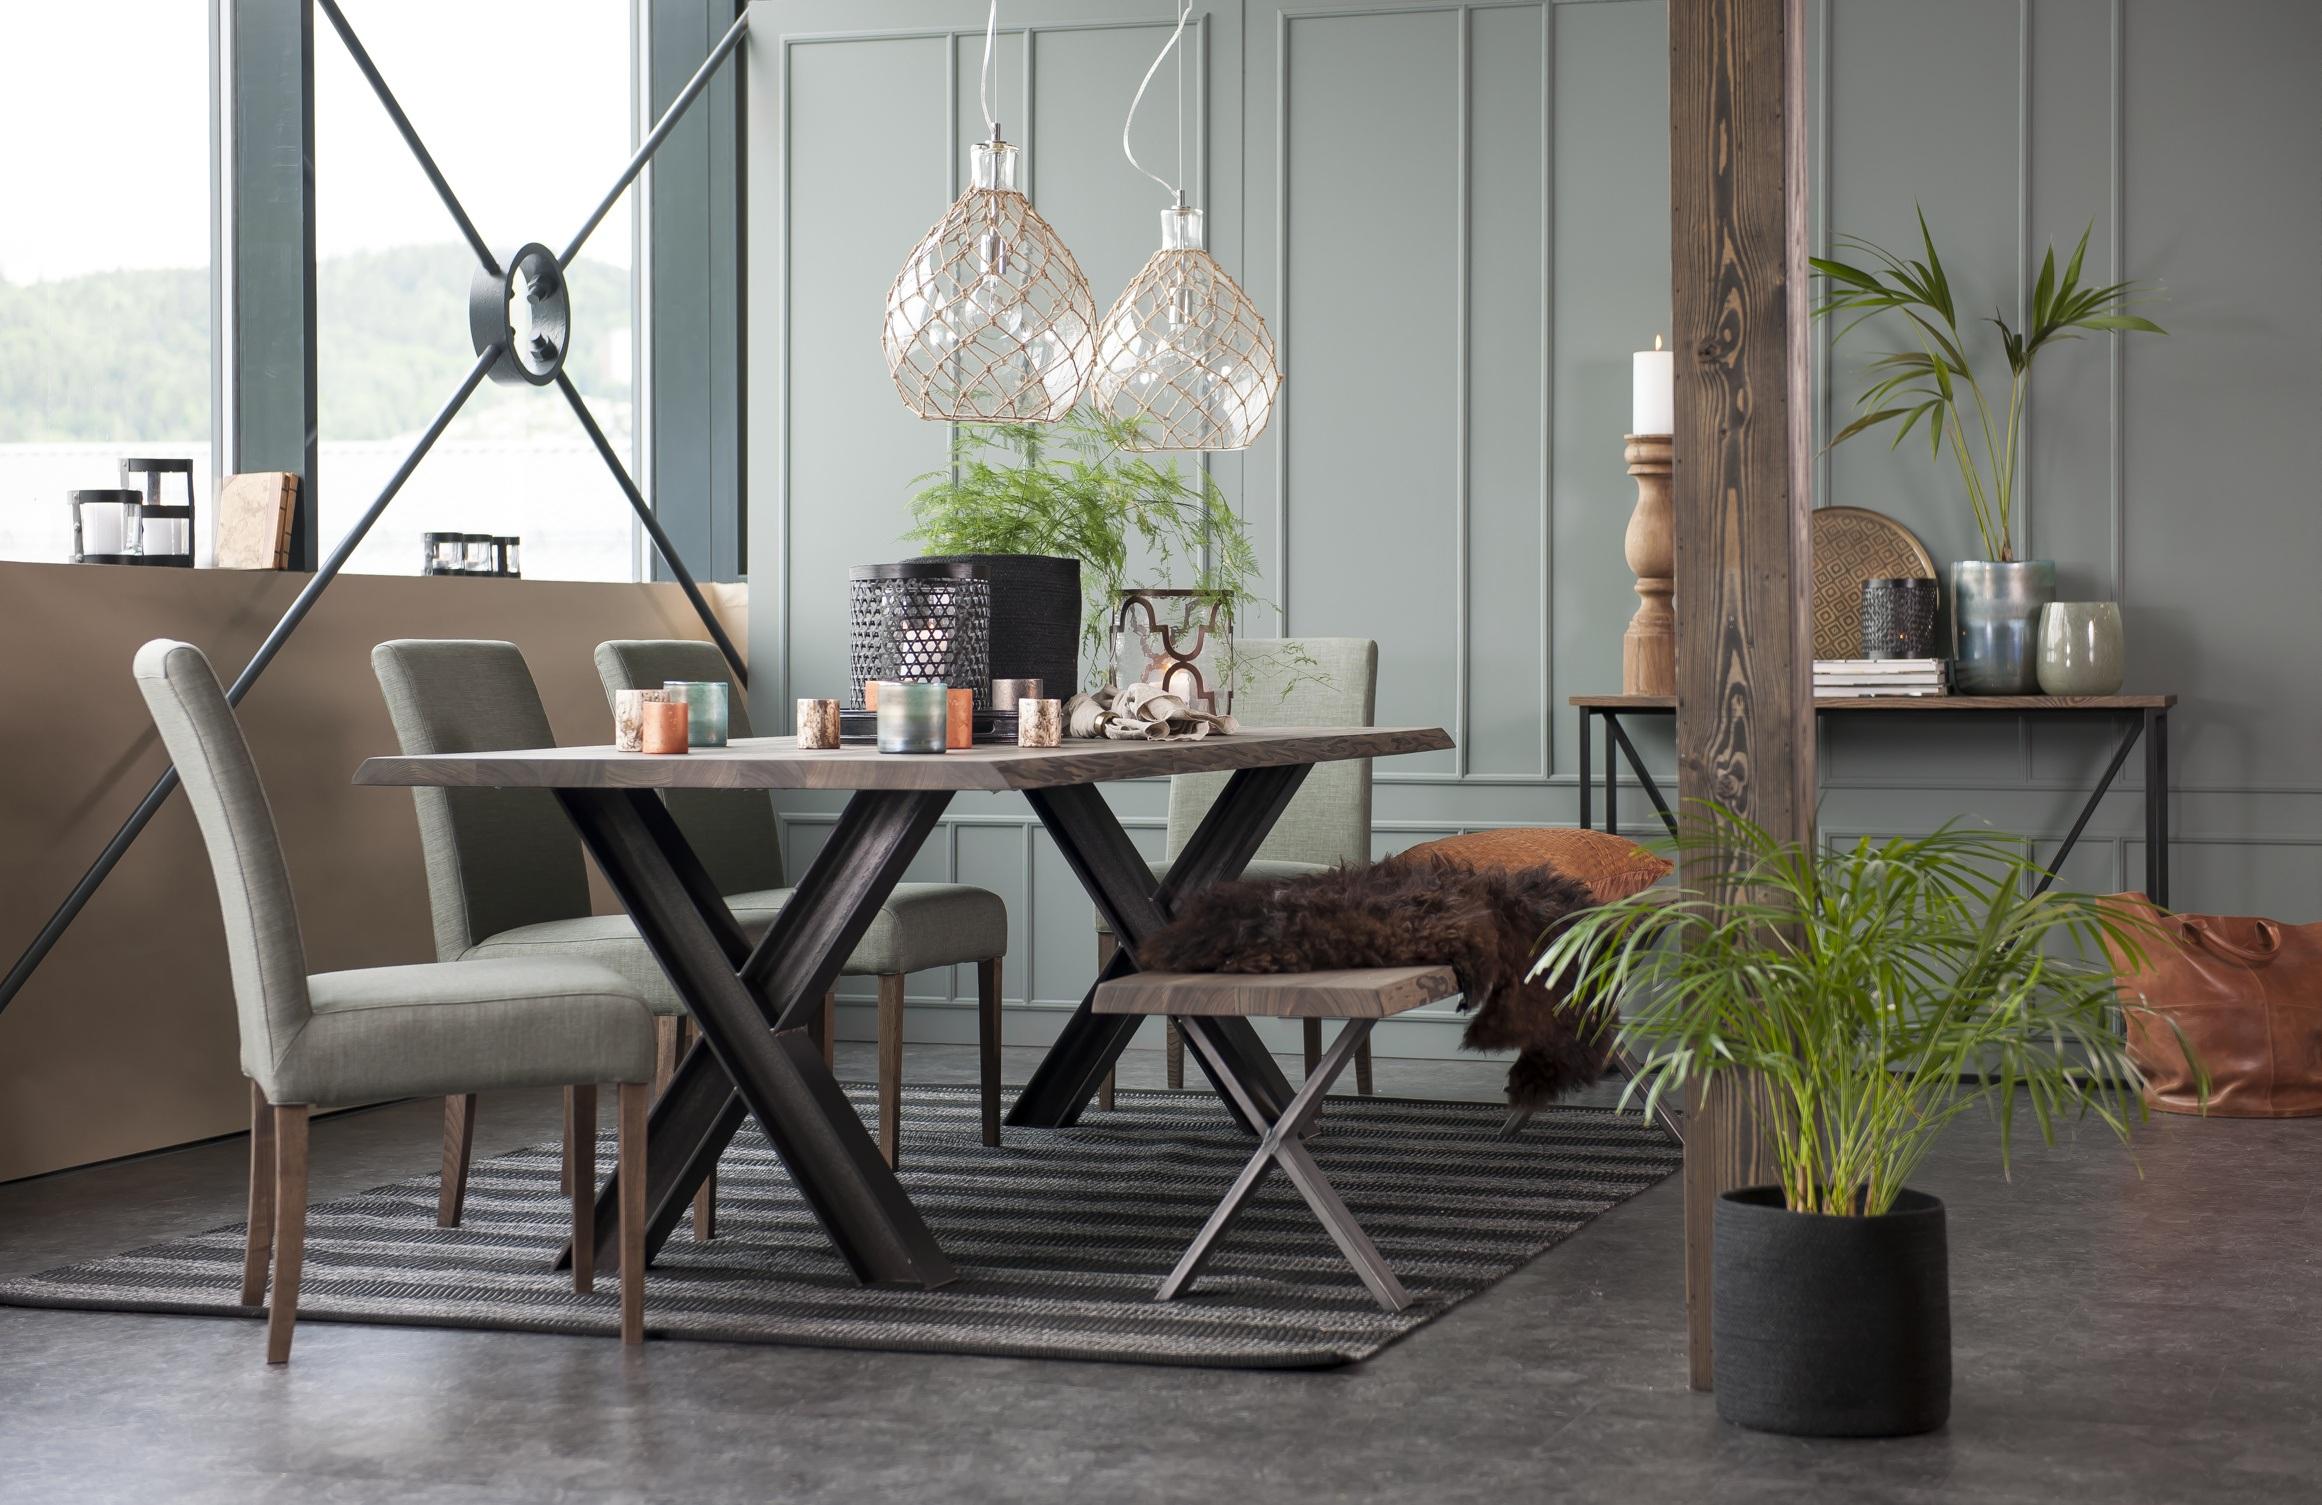 Forest matbord från Kristensen & Kristensen. Den snygga sittbänken är i samma serie och går att beställa.